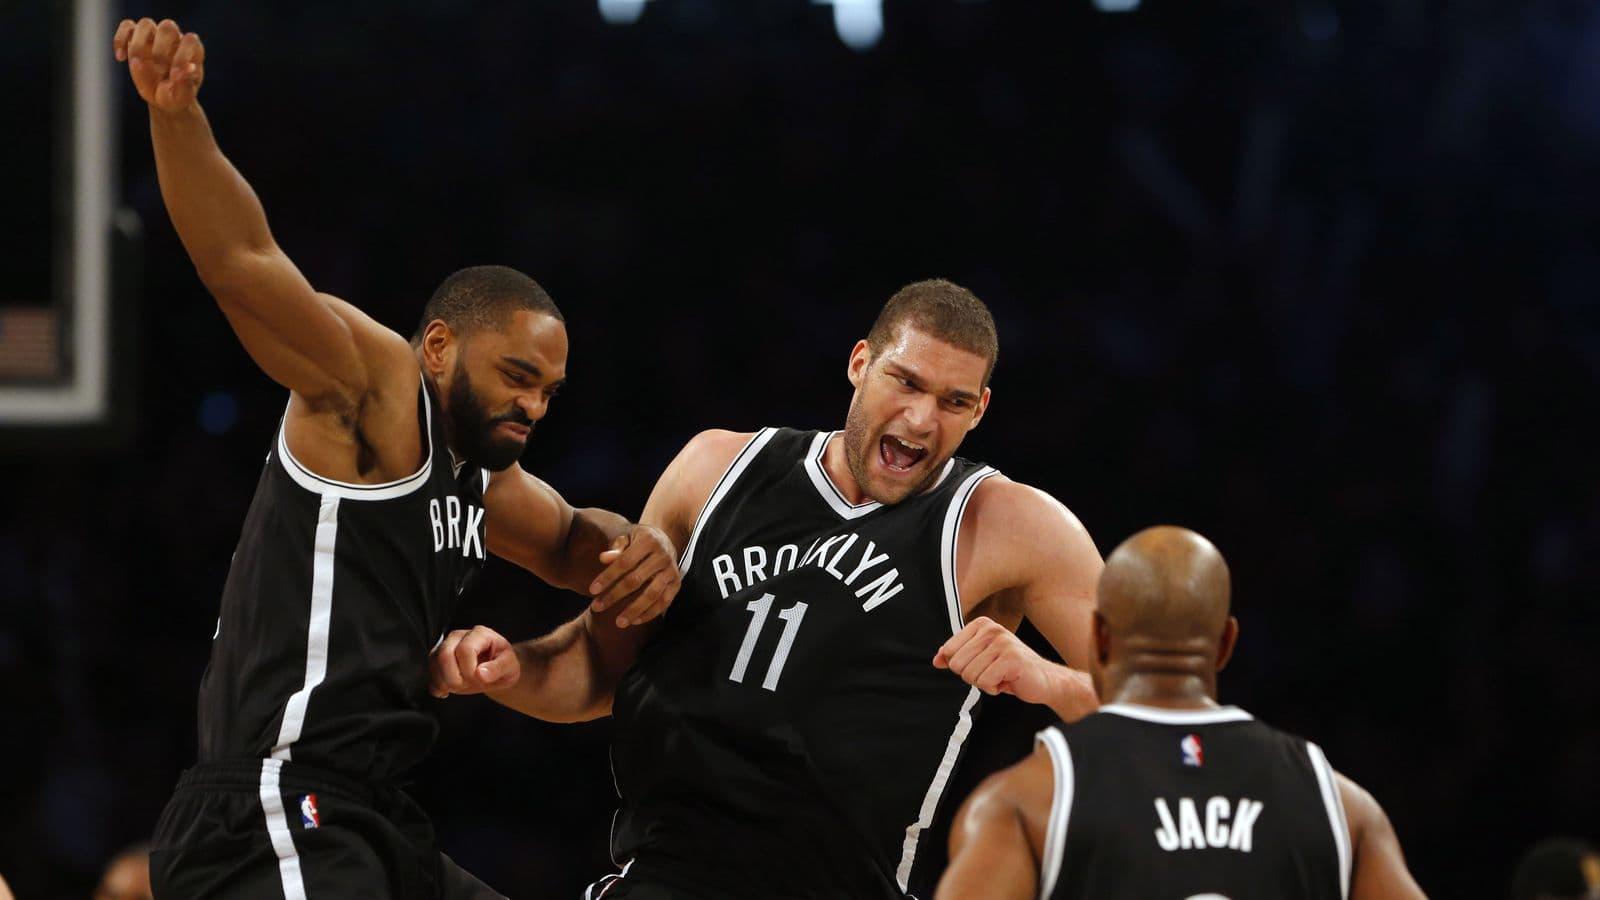 Istoriya basketbolnogo kluba Brooklyn Nets Reformy i neudachi